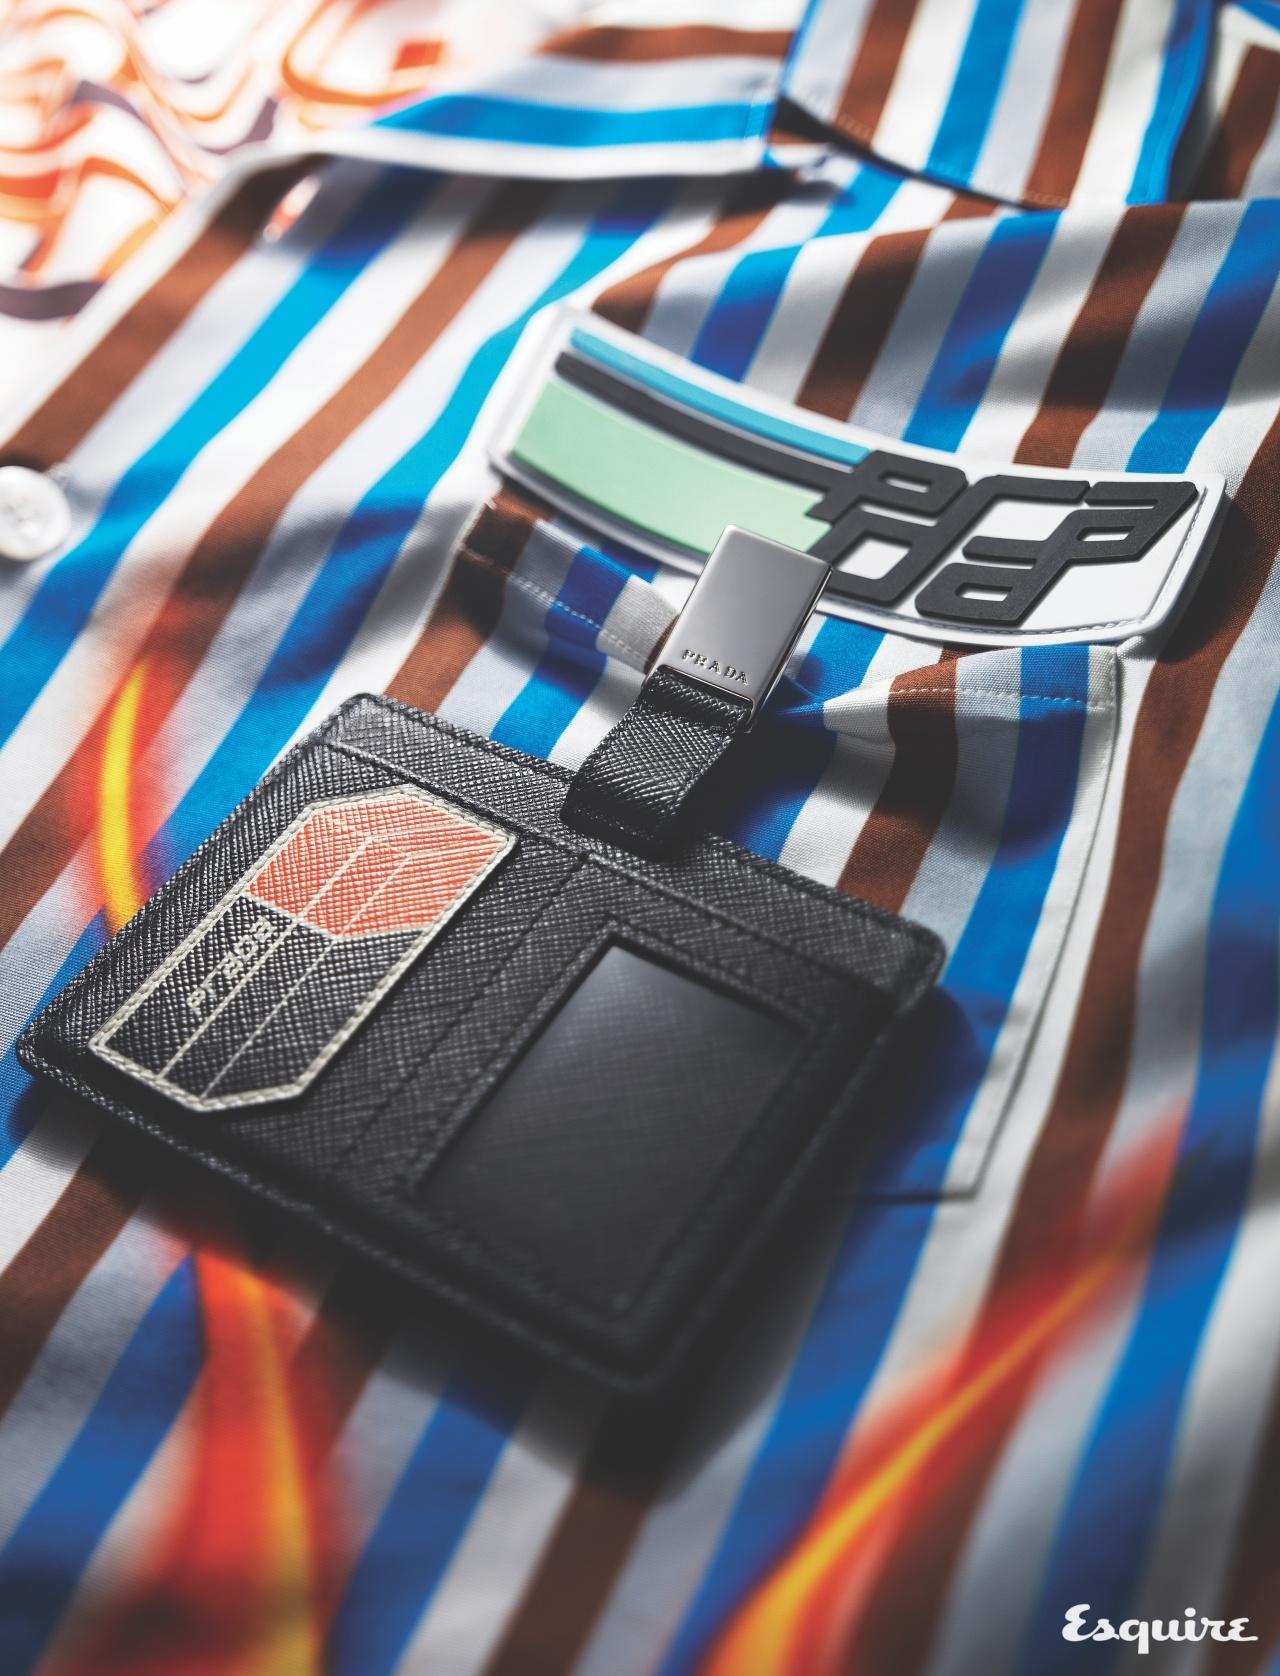 PRADA 레이싱에서 영감받은 역동적인 로고. 볼링 셔츠와 ID 홀더에 장식적으로 쓰였다. 모두 가격 미정 프라다.